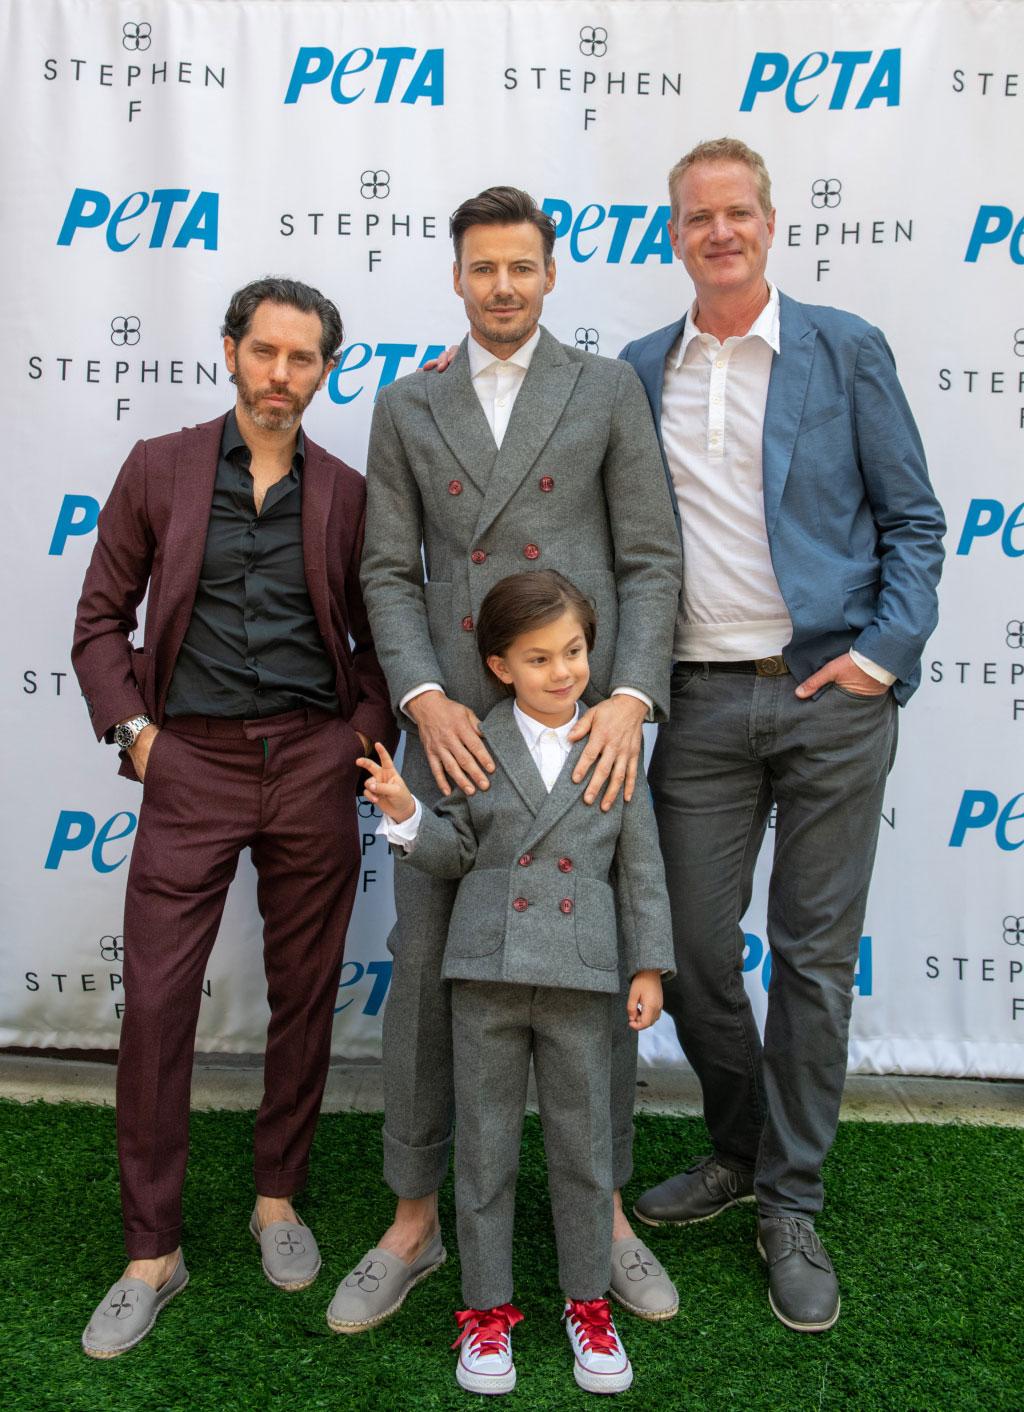 Stephen Ferber (trái) cùng các thiết kế trong BST Vegan hợp tác với PETA.